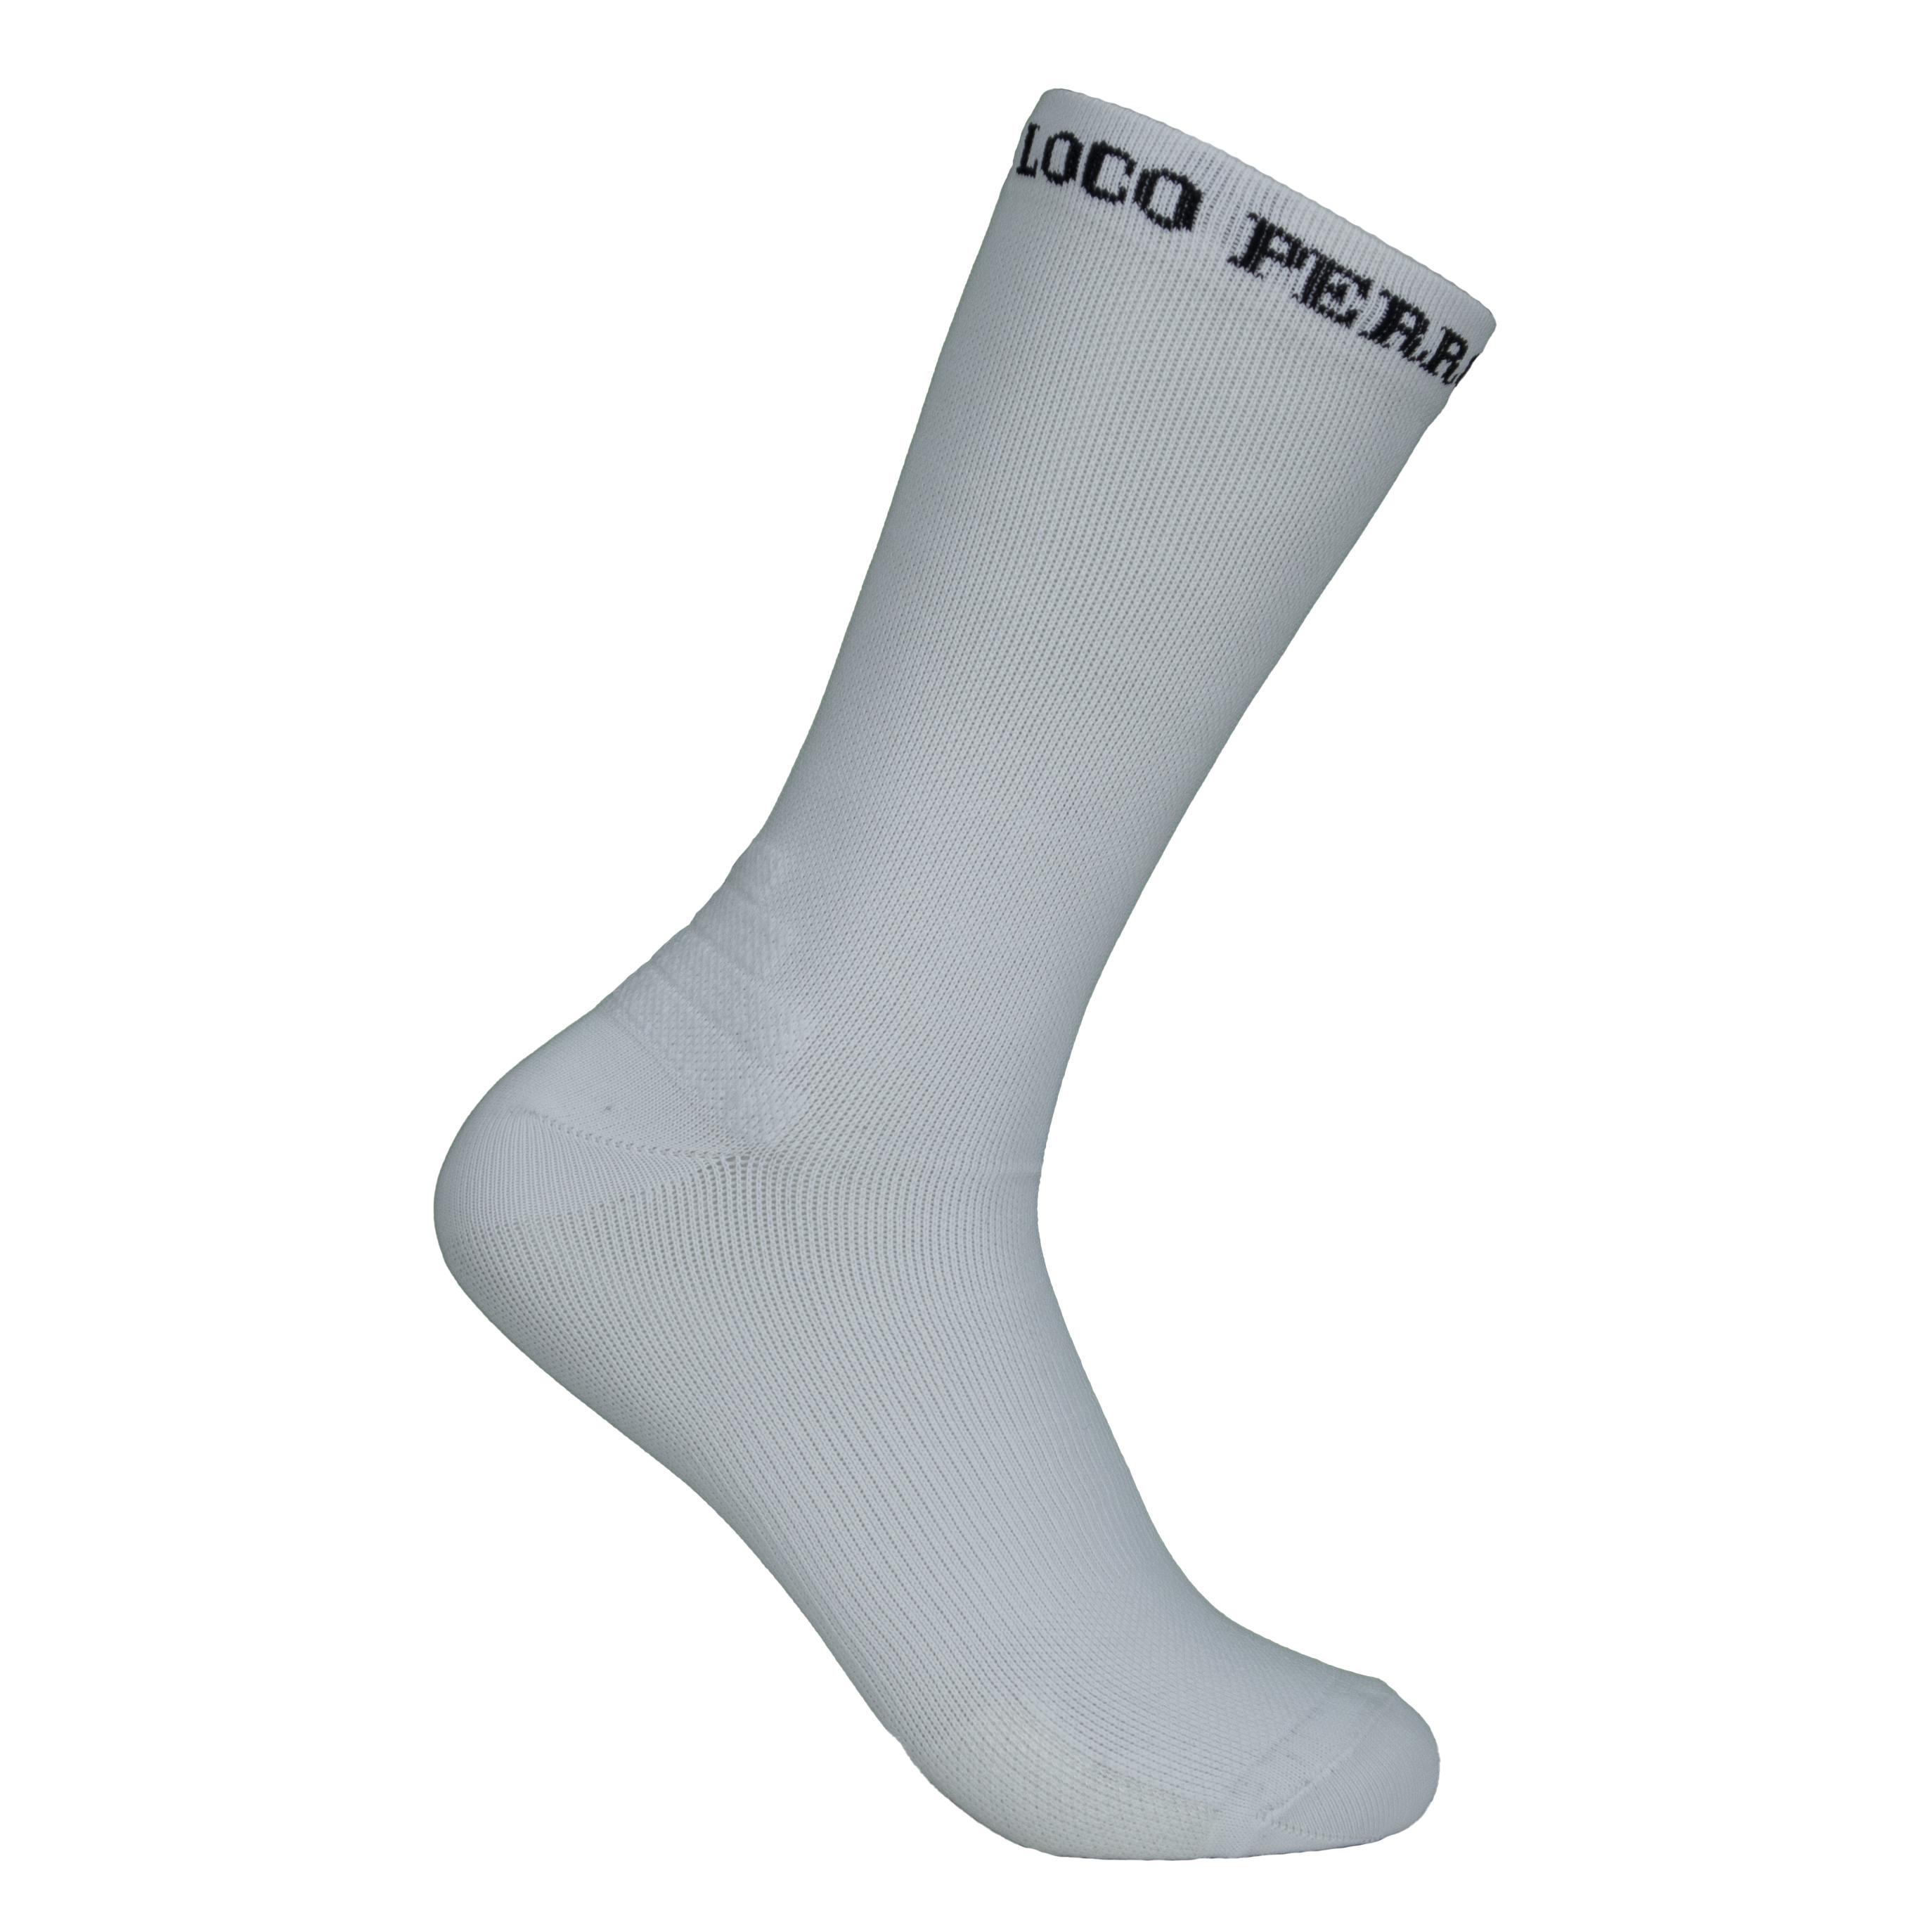 Calcetines para correr blancos